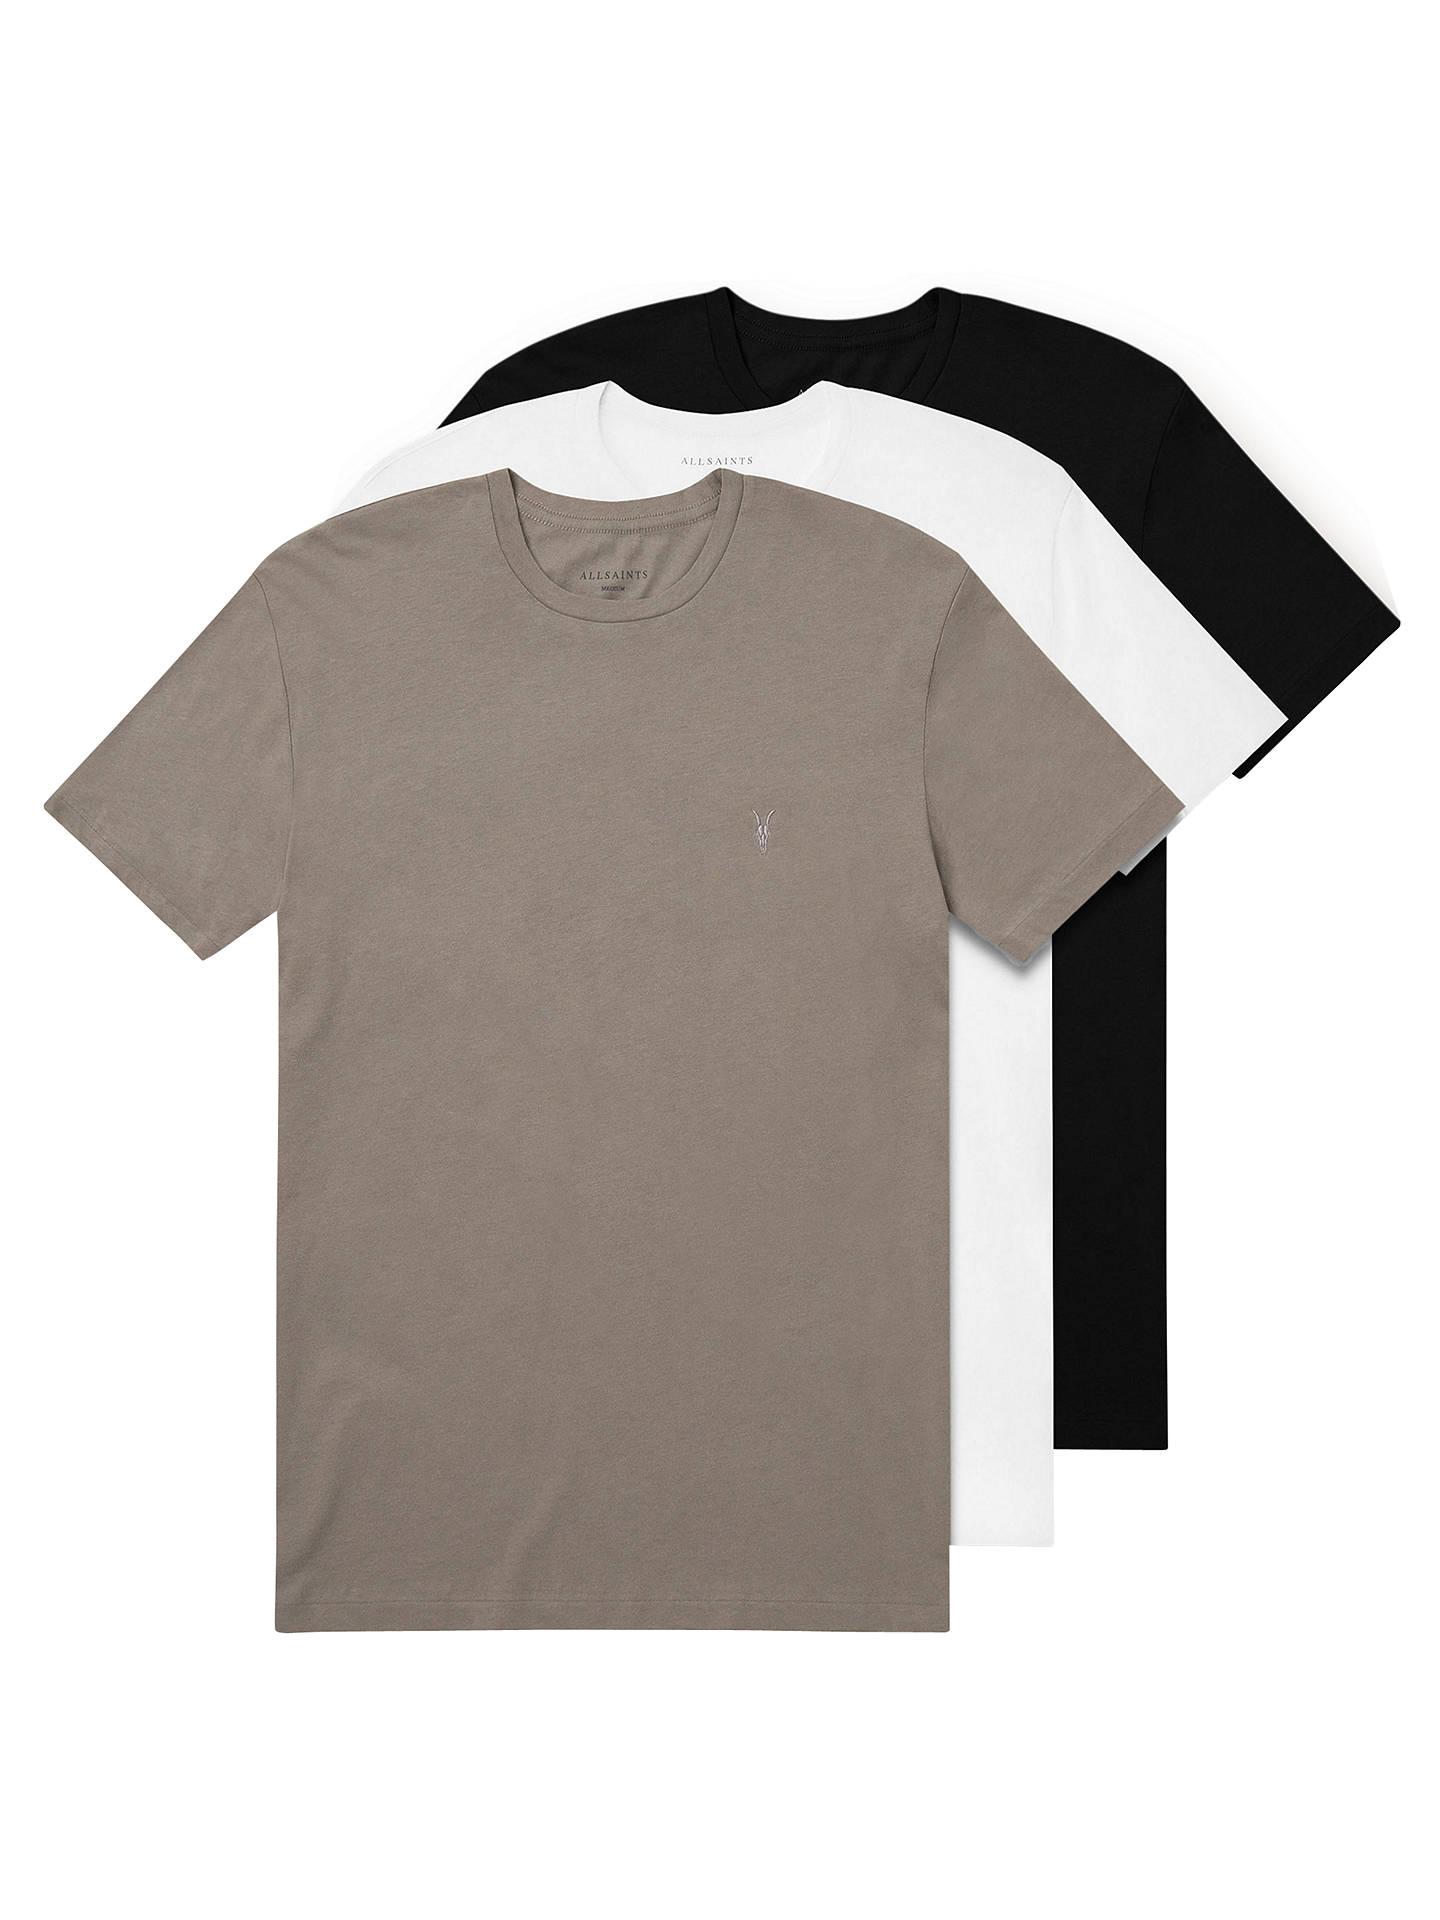 b0e8d092bb7 Buy AllSaints Tonic T-Shirt